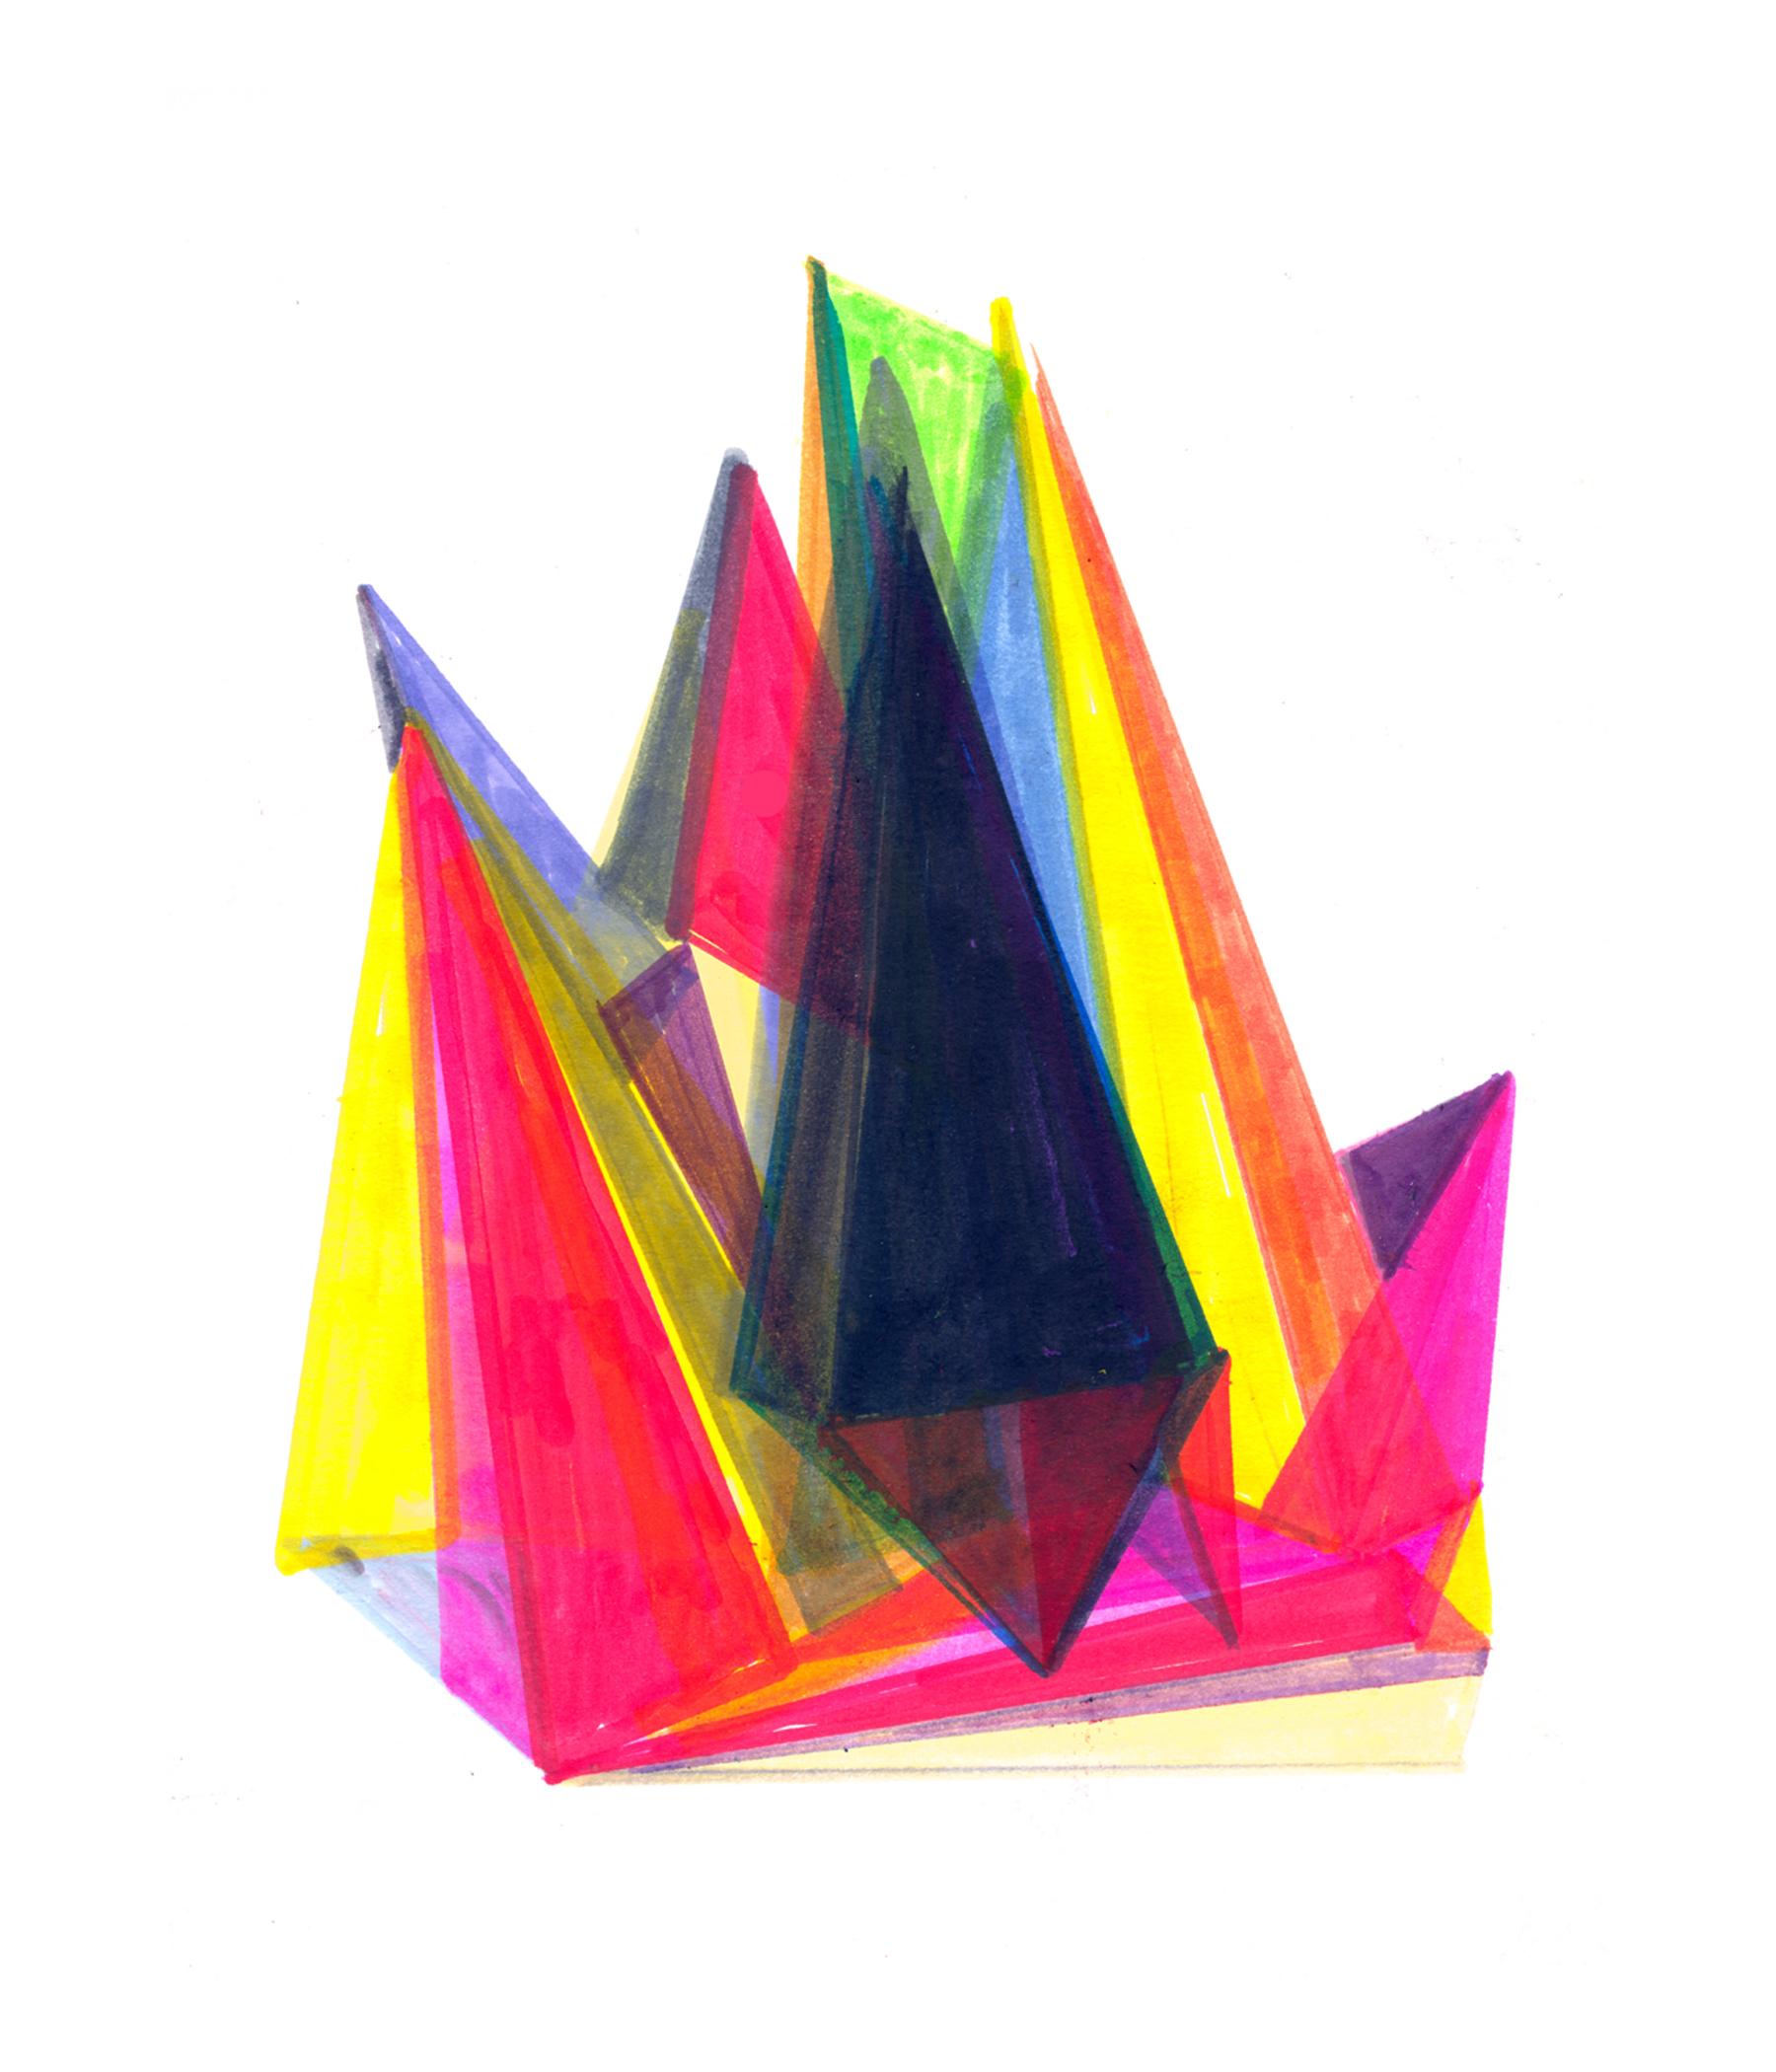 32 kate wilson geometric mechanics.jpg